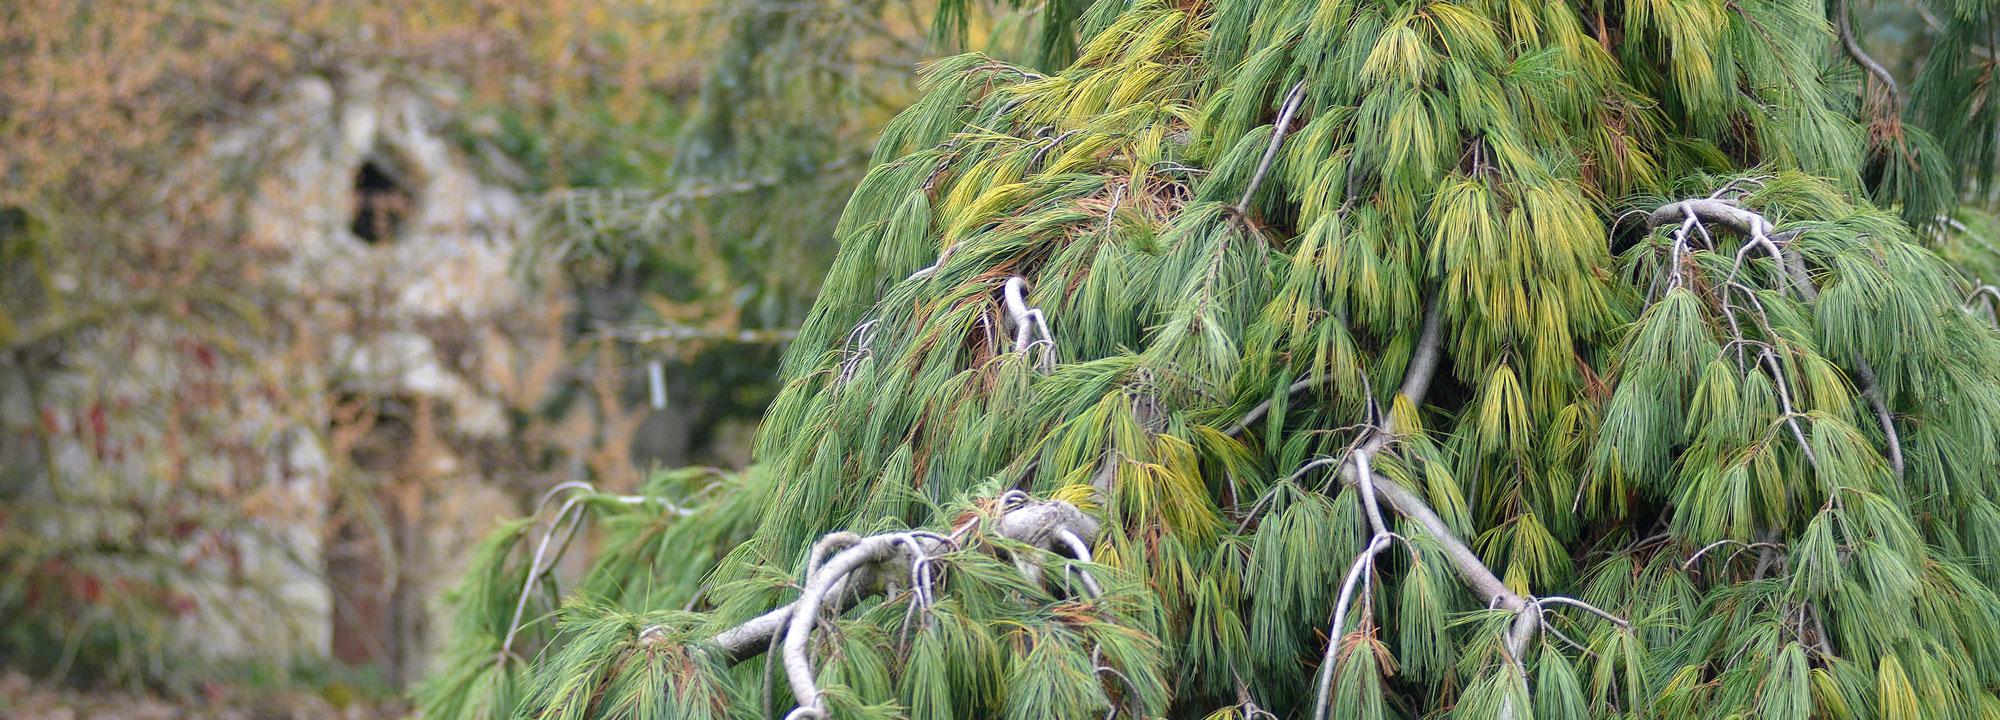 Pavillon de la source en arrière plan de pinus strobus pendula © MNHN - S. Gerbault